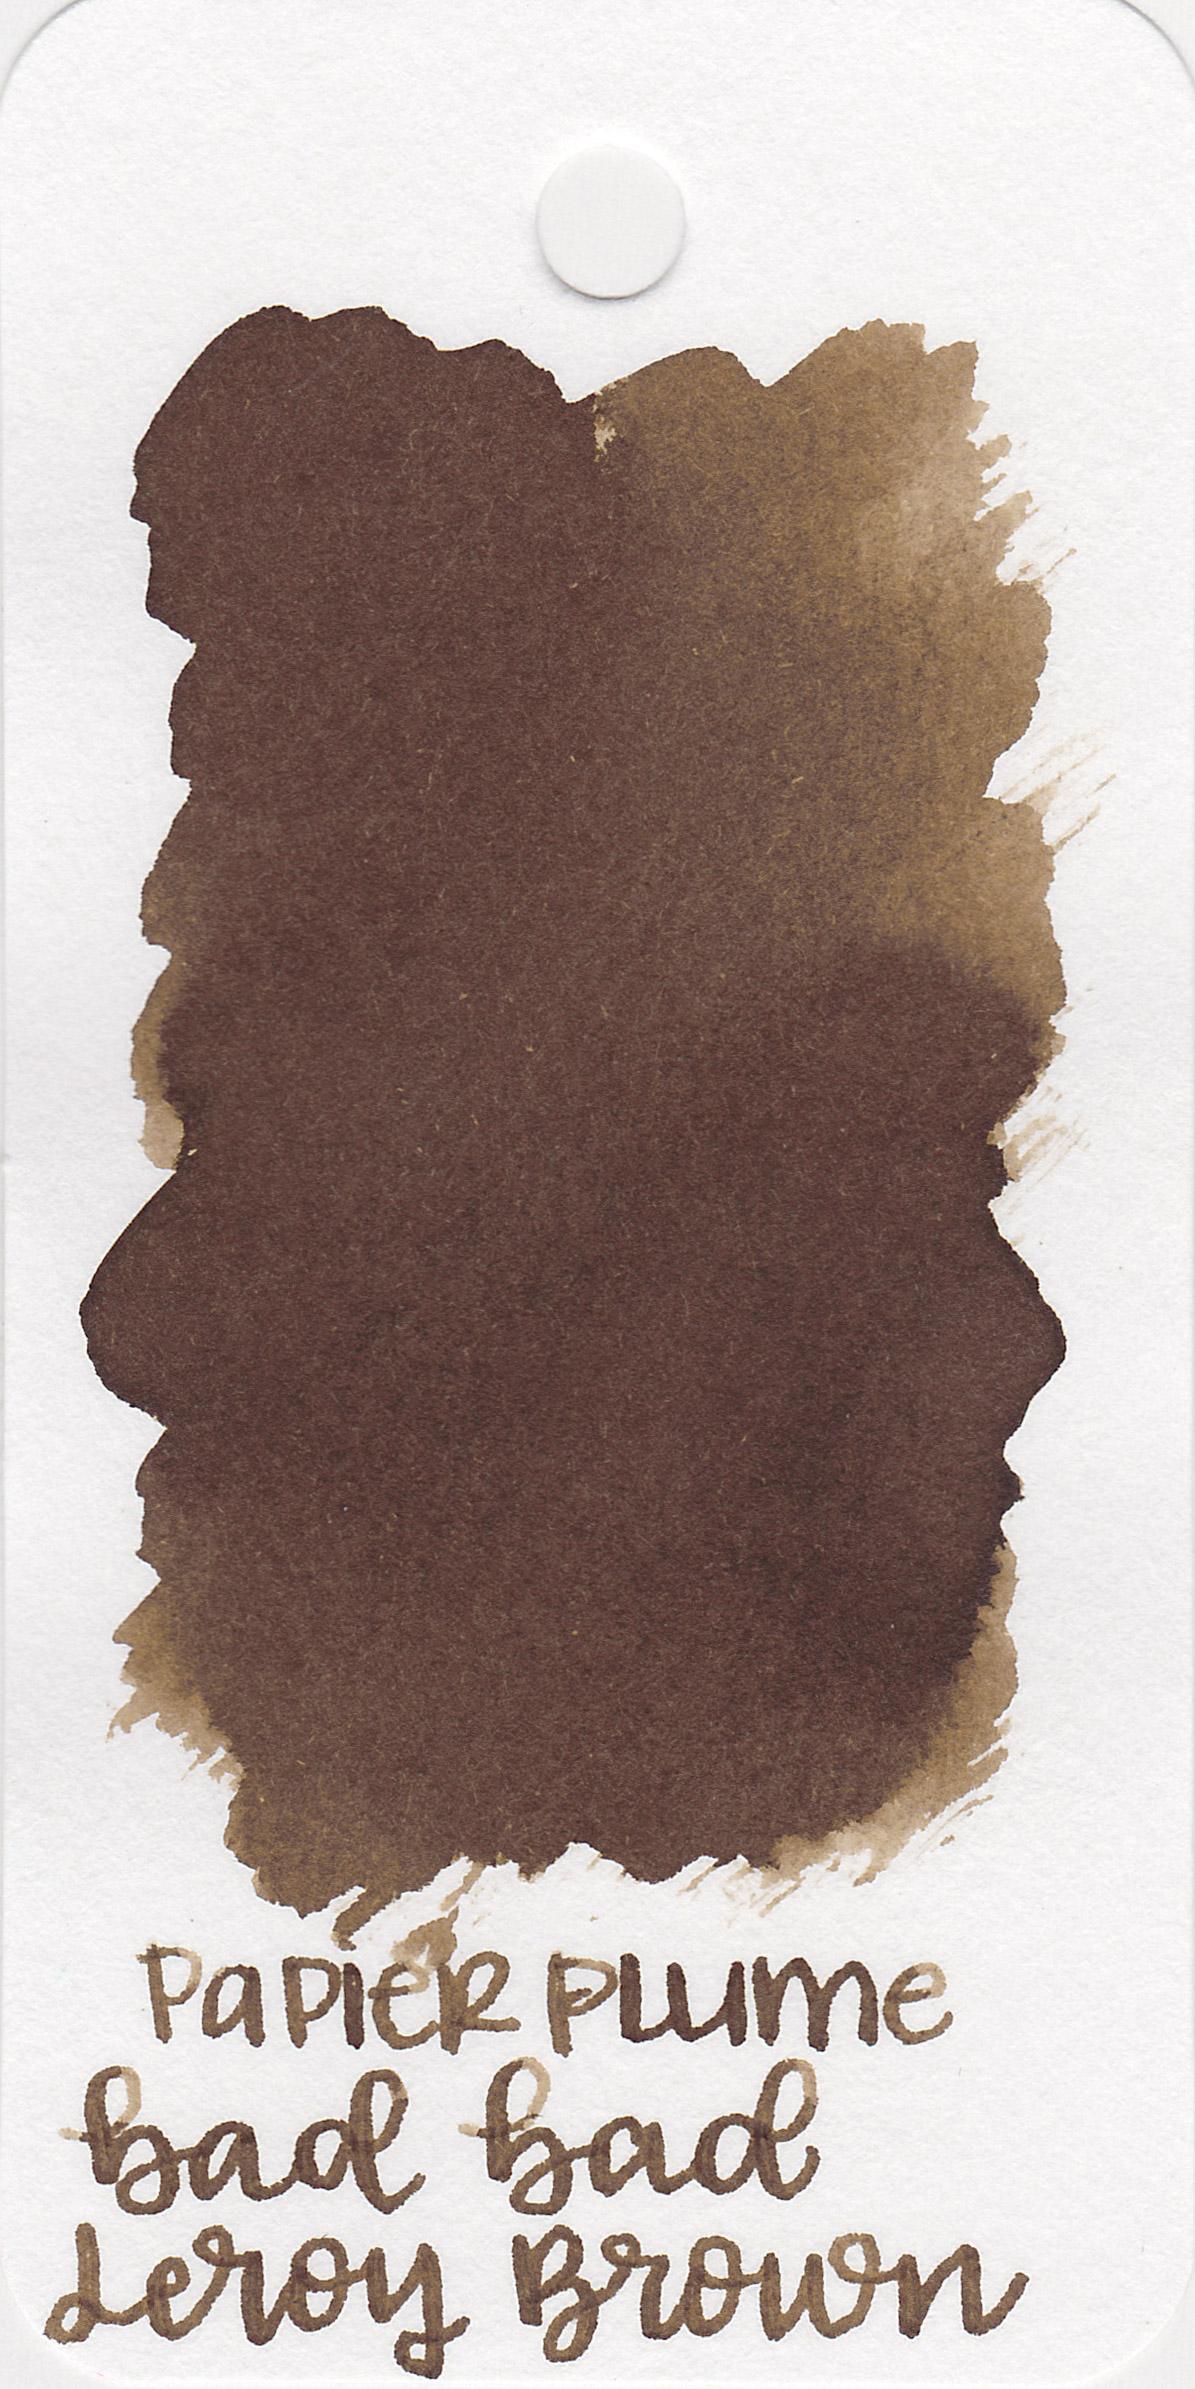 pp-leroy-brown-1.jpg